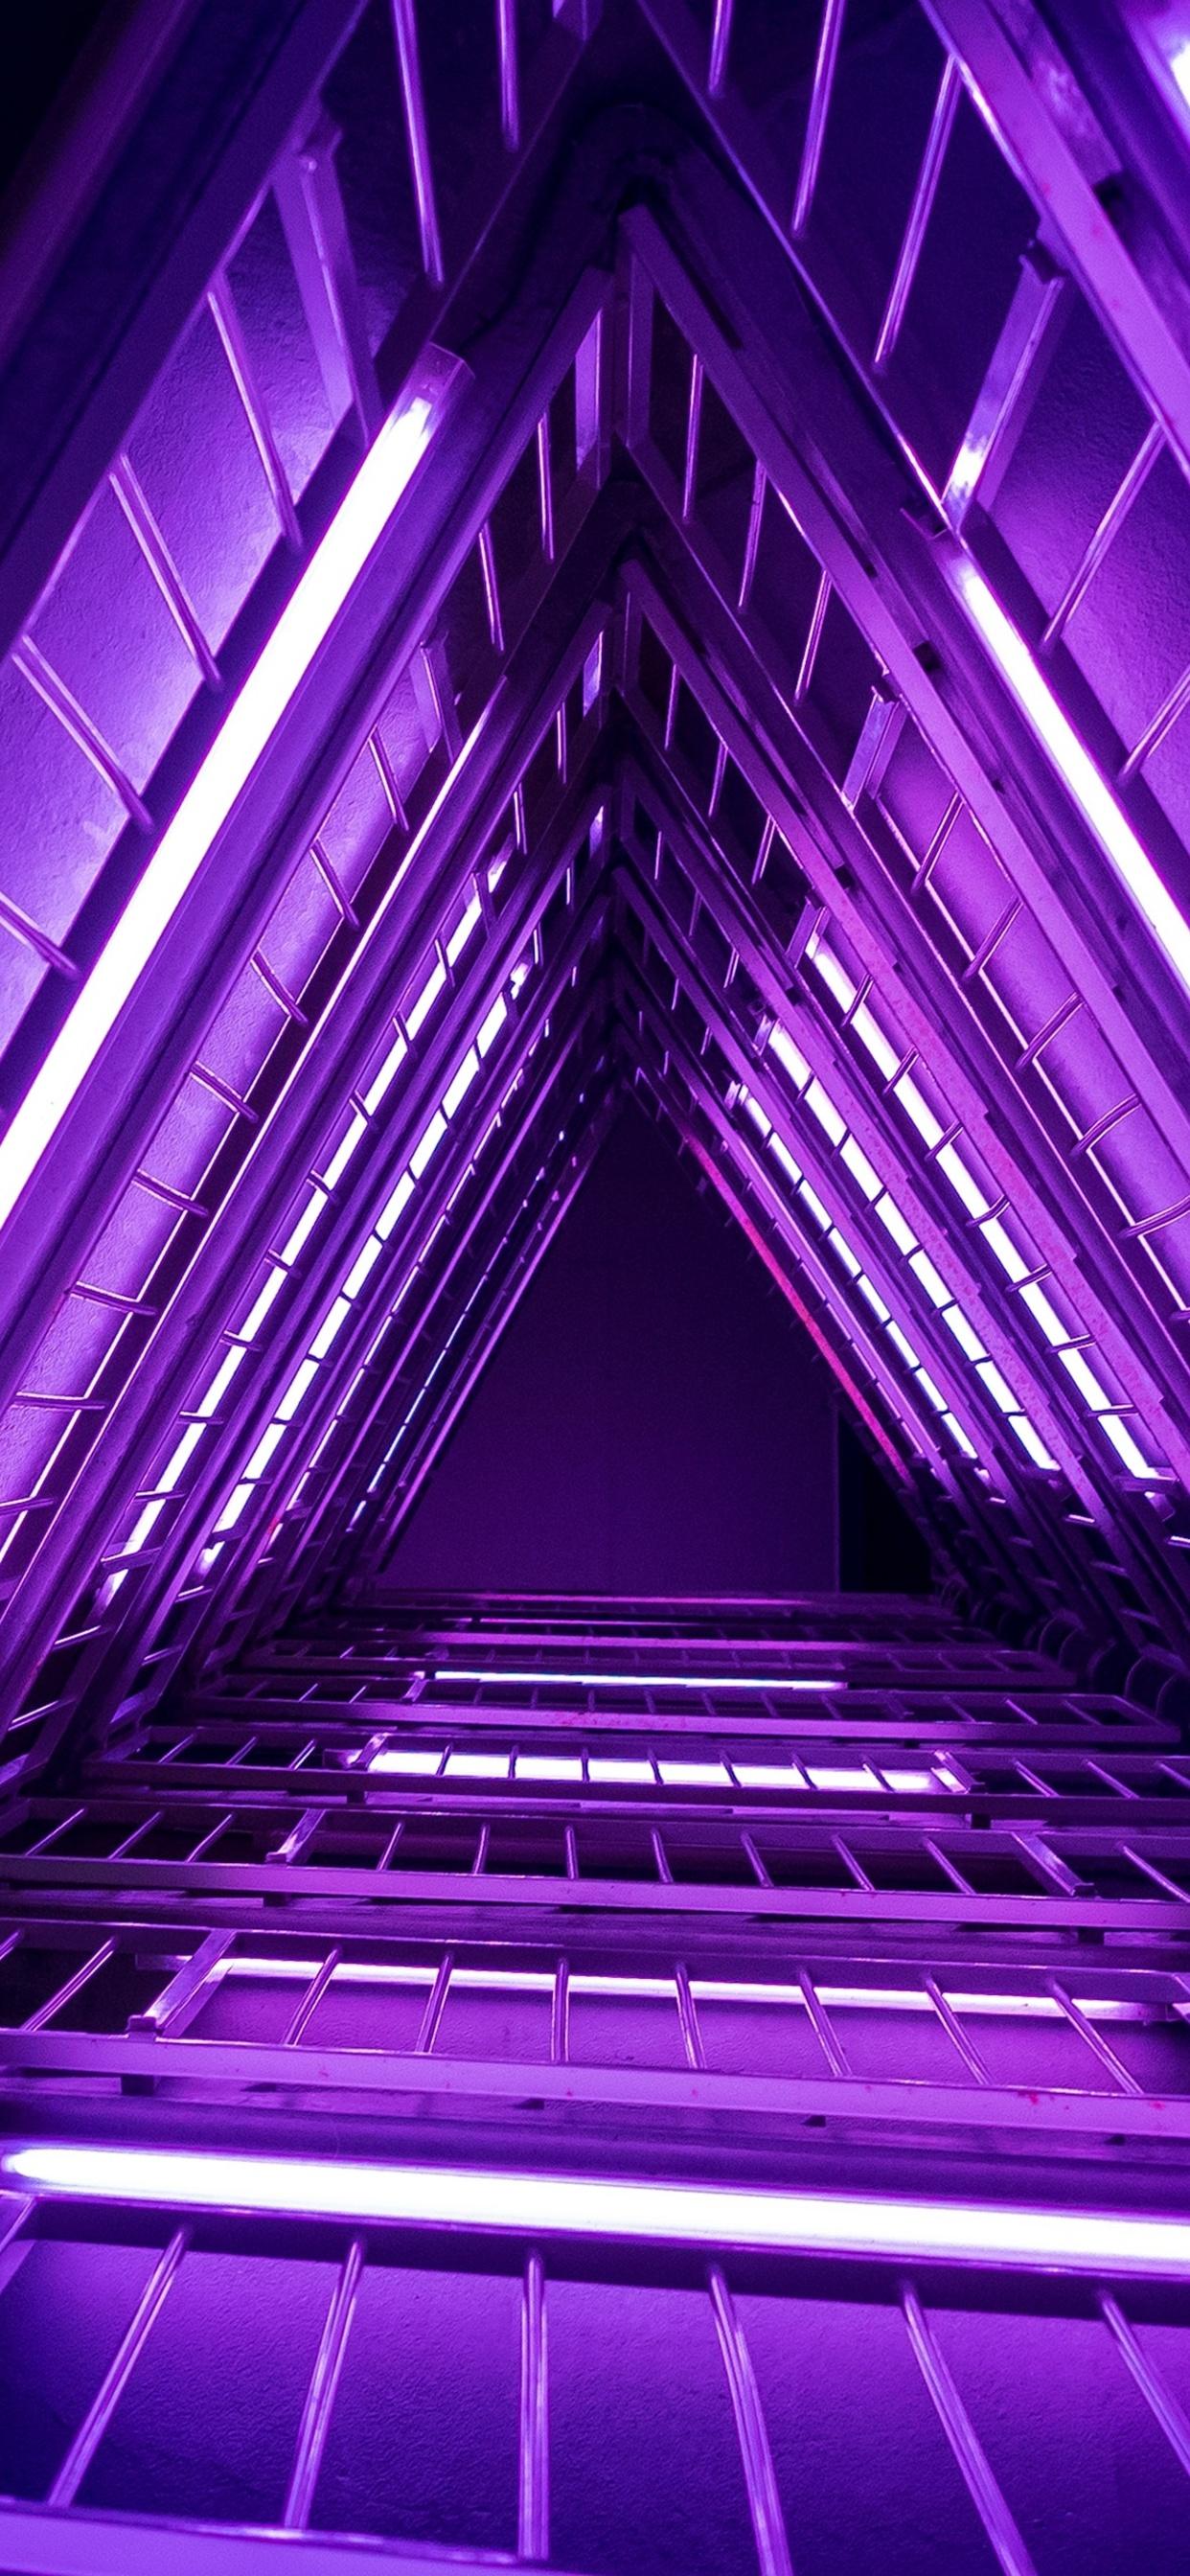 Iphone Xs Wallpaper Neon